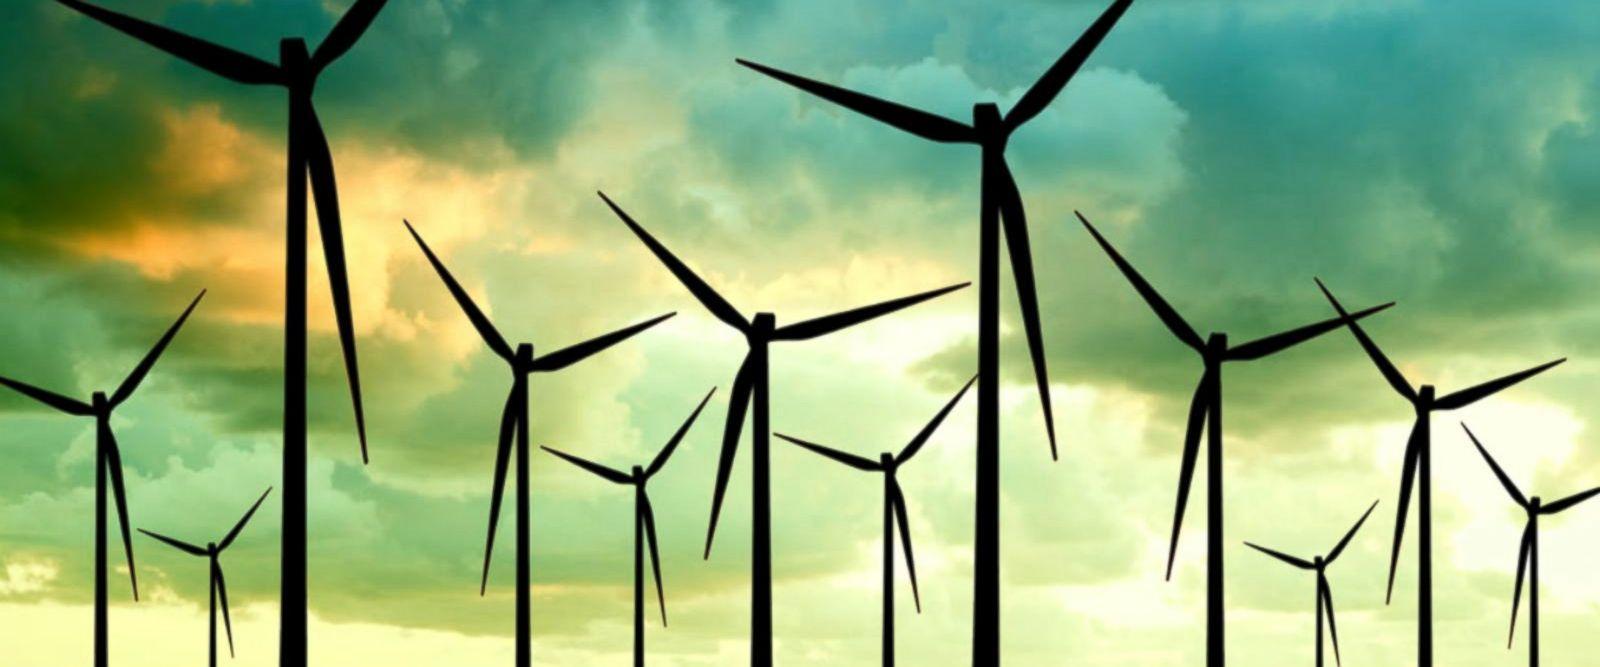 windmills_588847